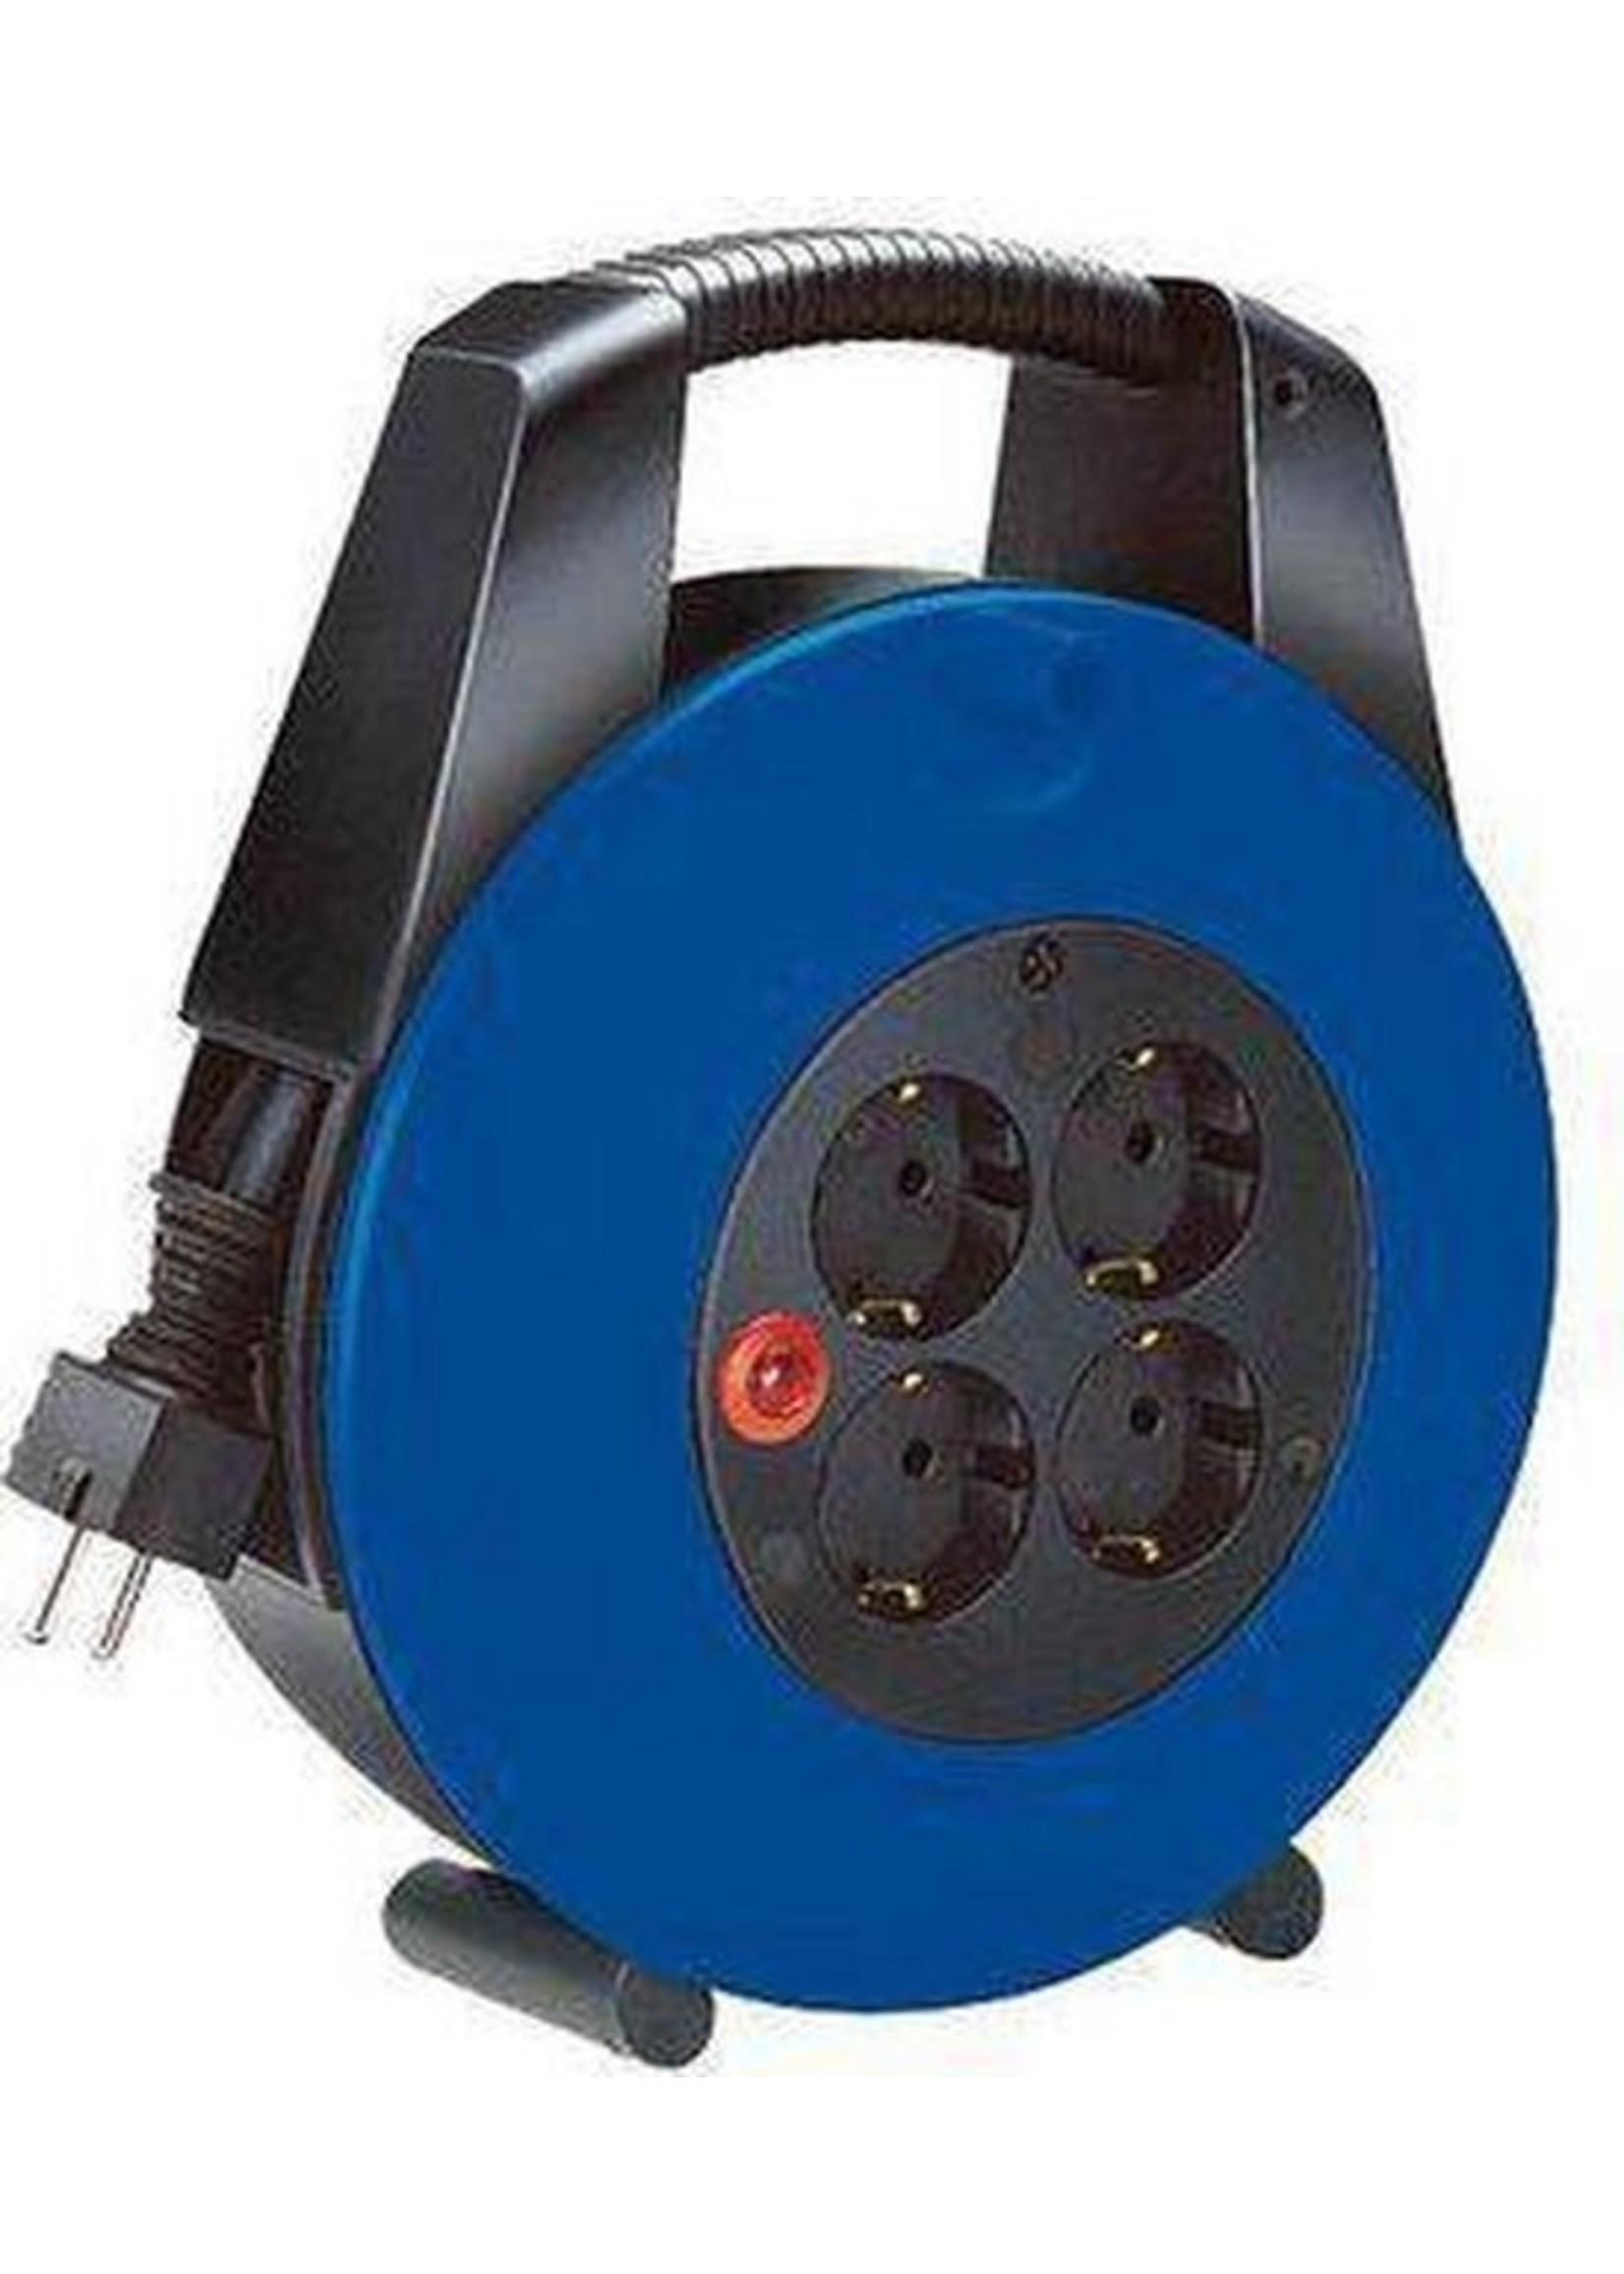 Brennenstuhl Brennenstuhl Vario Line kabelhaspel 4-voudig zwart/blauw 15m H05VV-F 3G1,5 *FR*